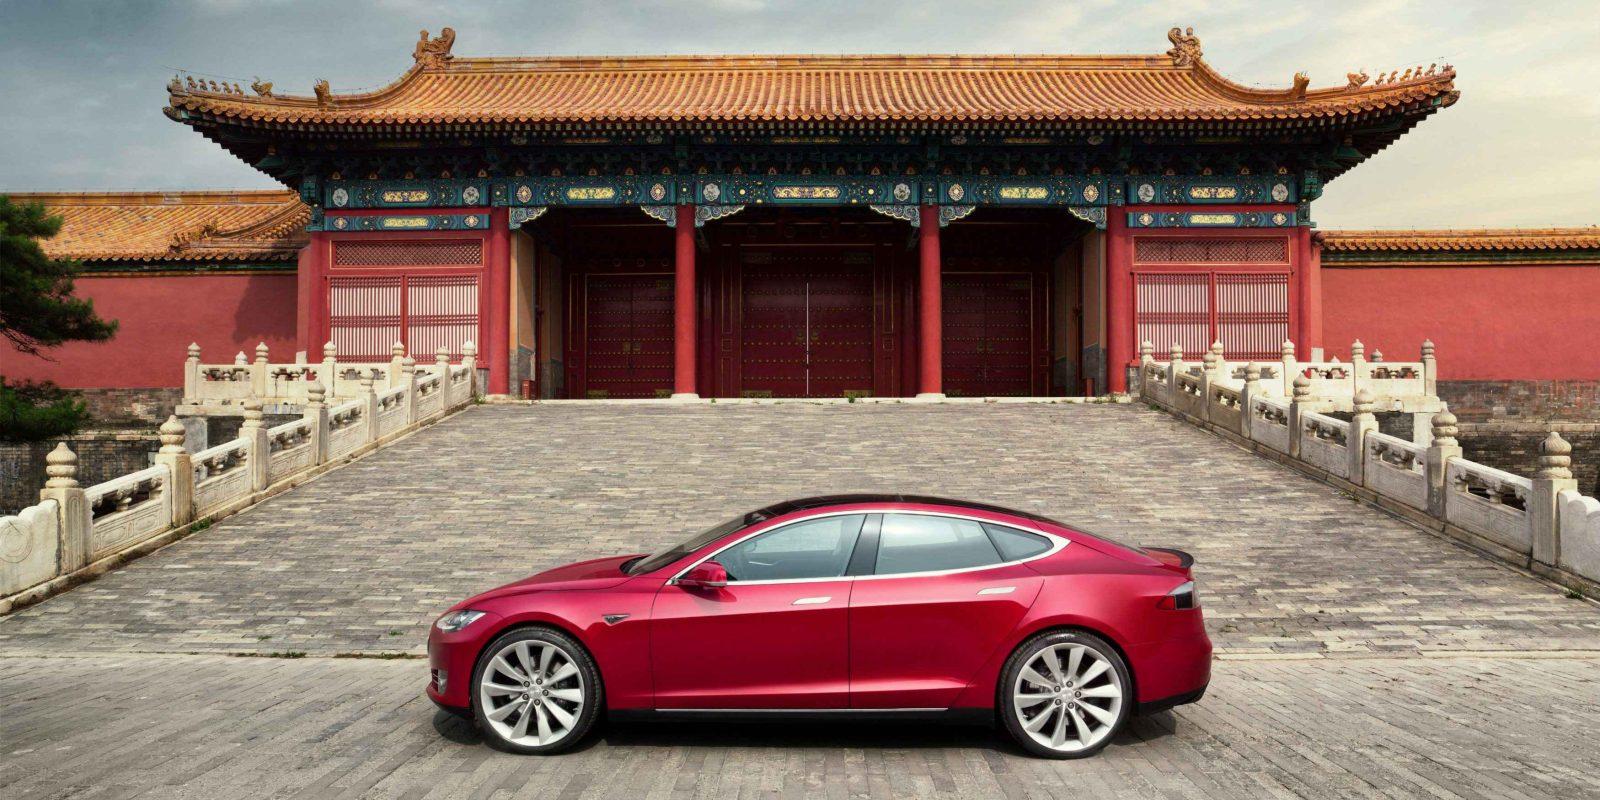 Tesla построит фабрику в Китае, где будет производиться 500 000 электромобилей в год - 1